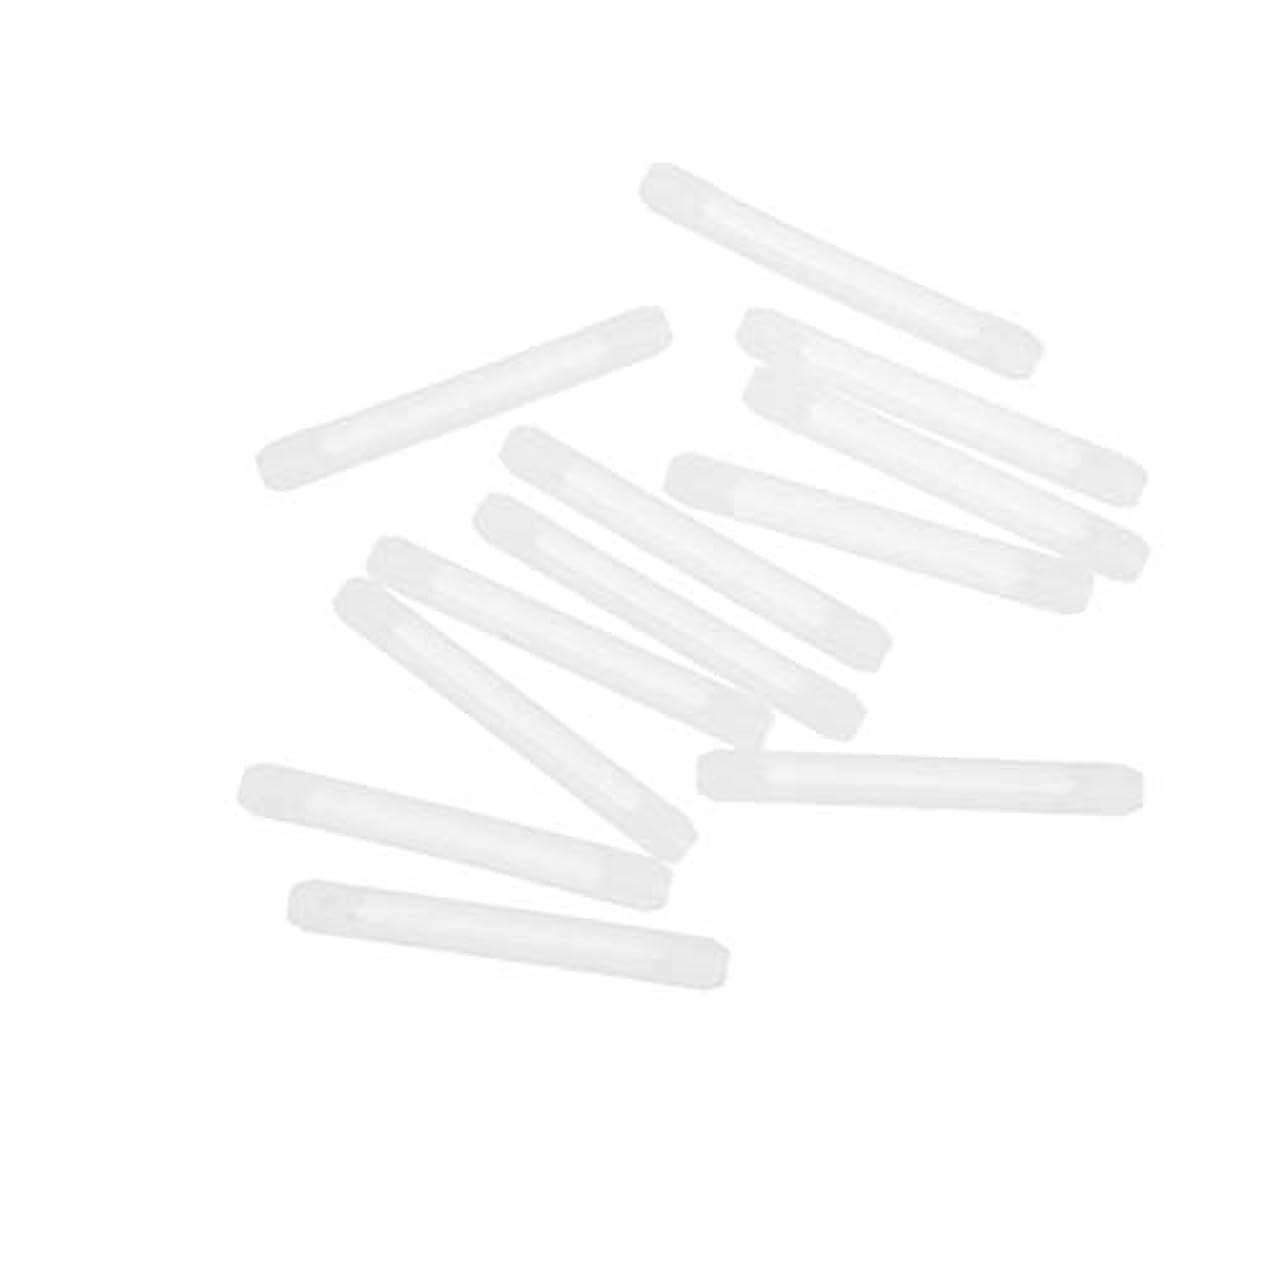 誰人スーツケースHealifty メガネホルダー滑り止めシリコンメガネアクセサリー20pcs(ホワイト)